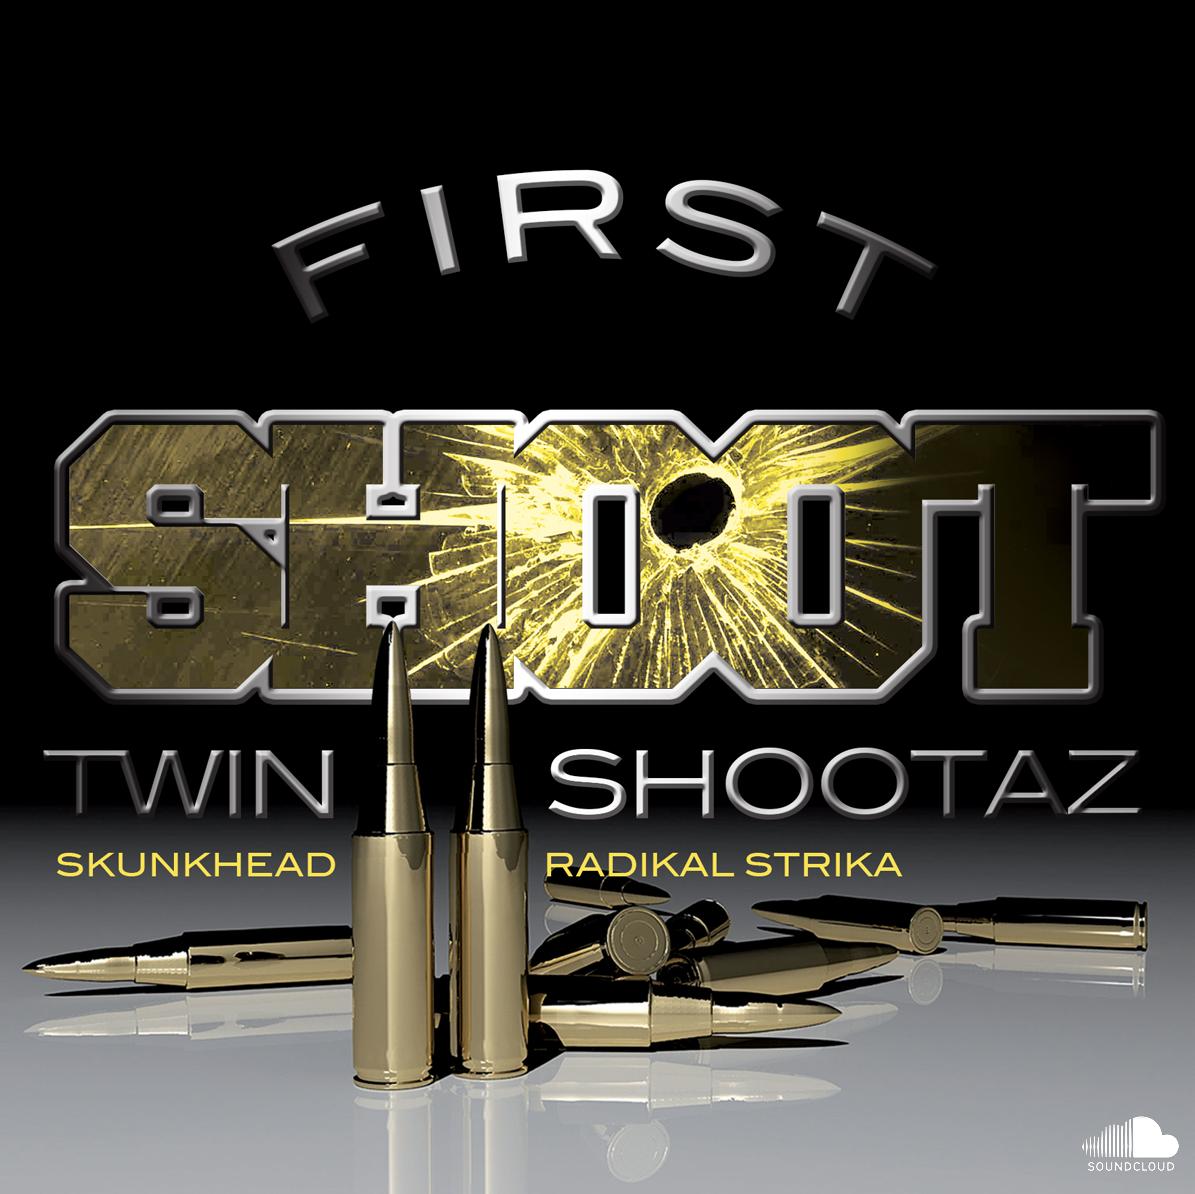 FIRT SHOOT